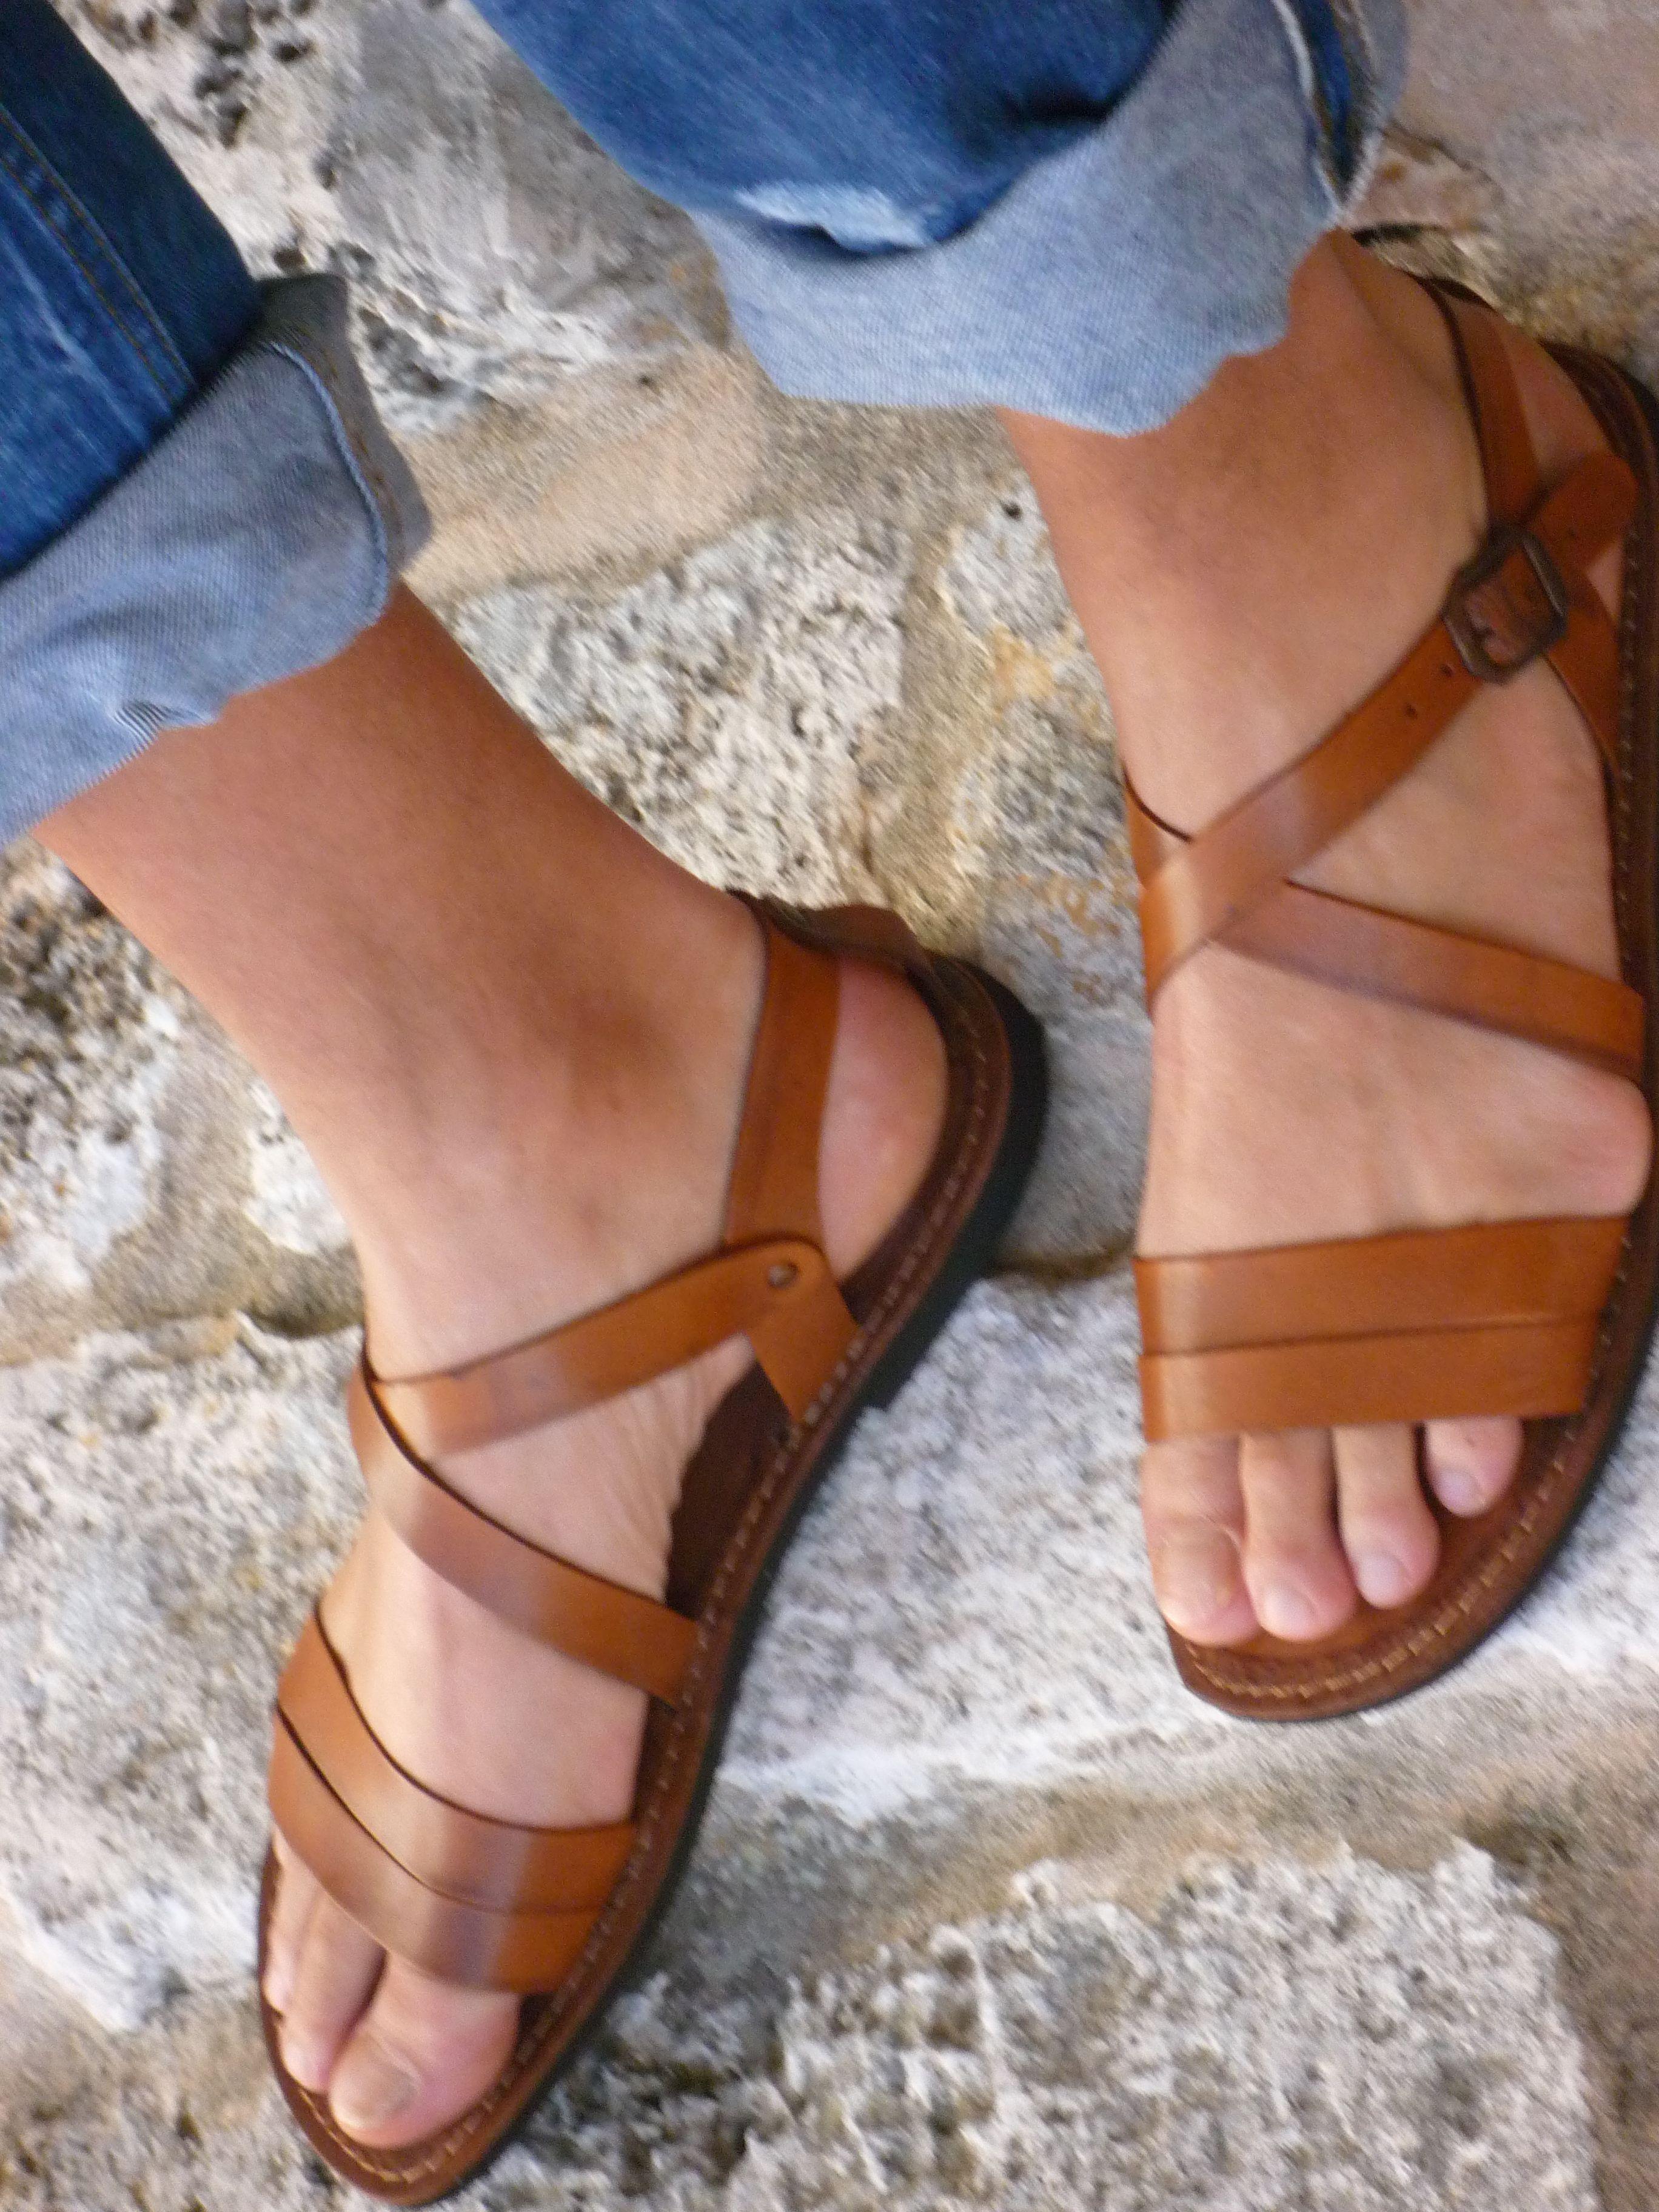 b8423e0758d6 Mens Leather Sandals